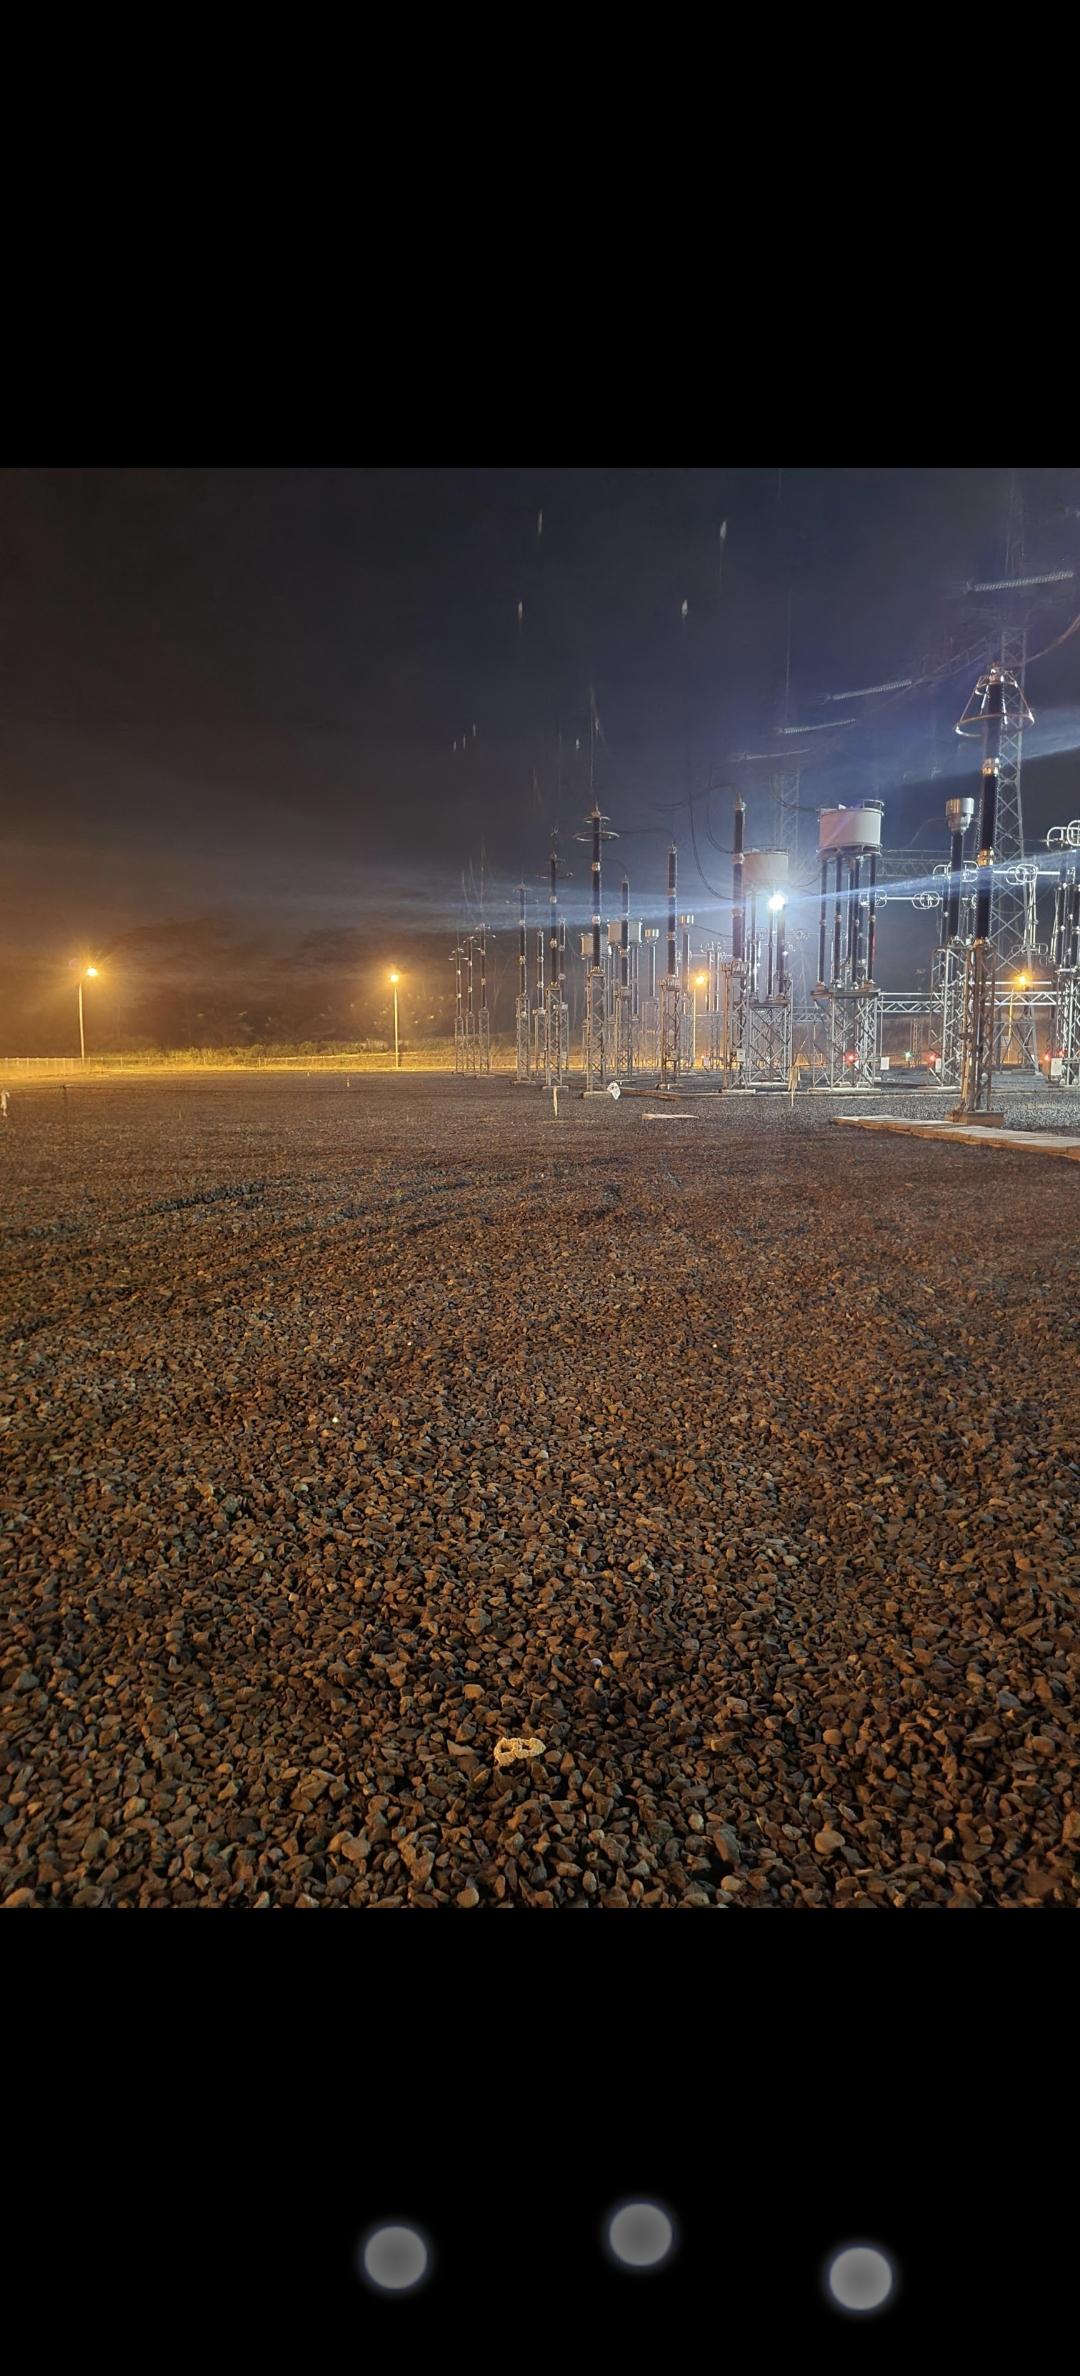 Seksi-Tanjung-Jati-–-Pemalang-dari-Proyek-Transmisi-500kV-8